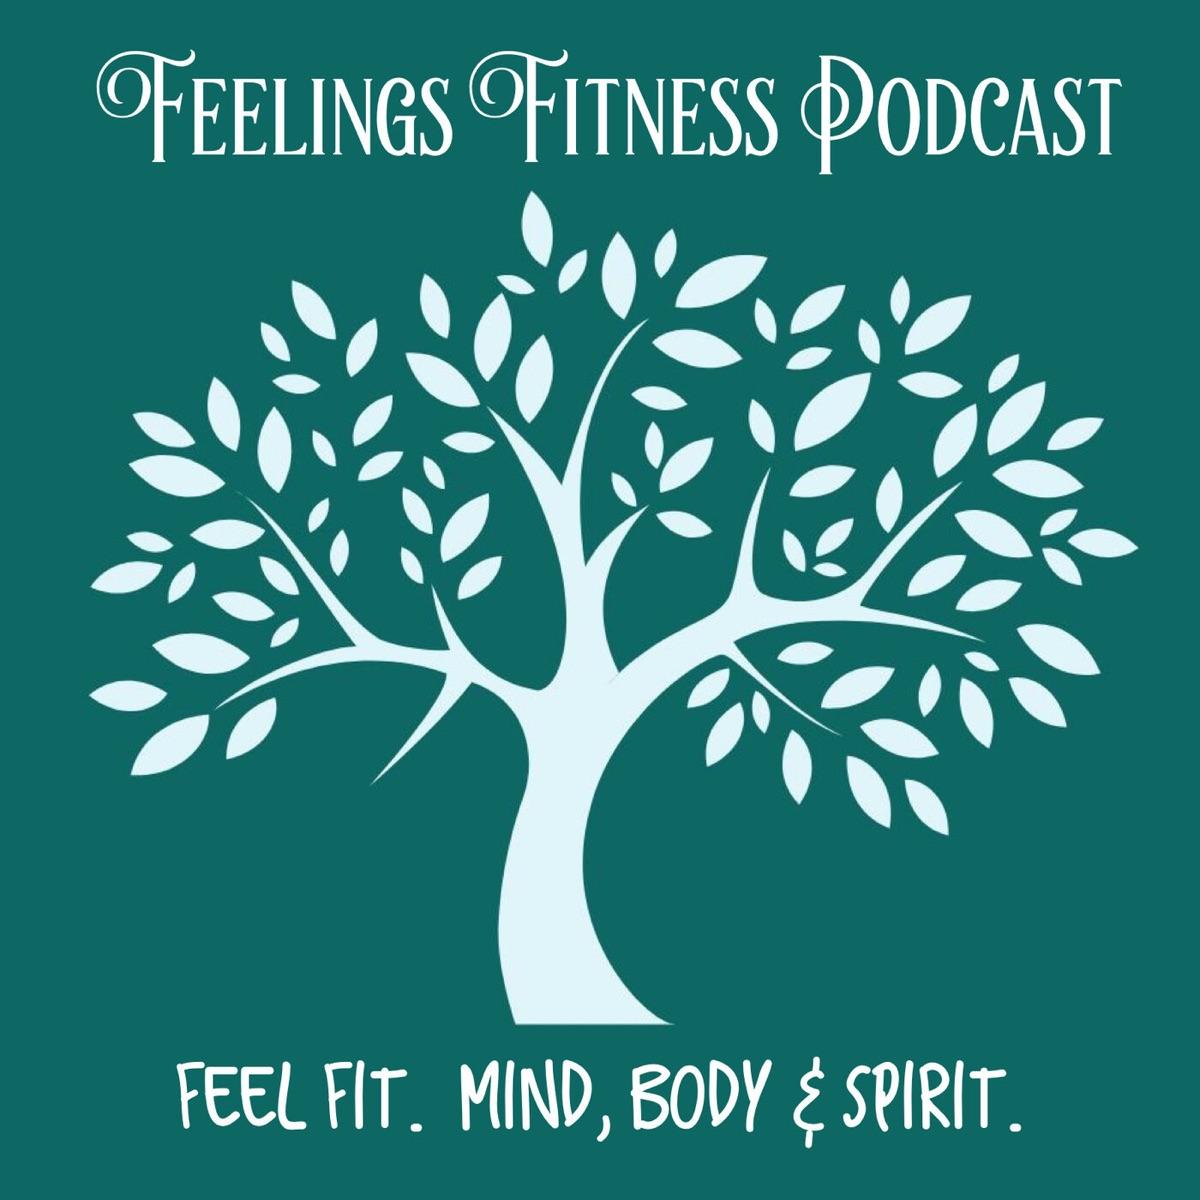 Feelings Fitness Podcast